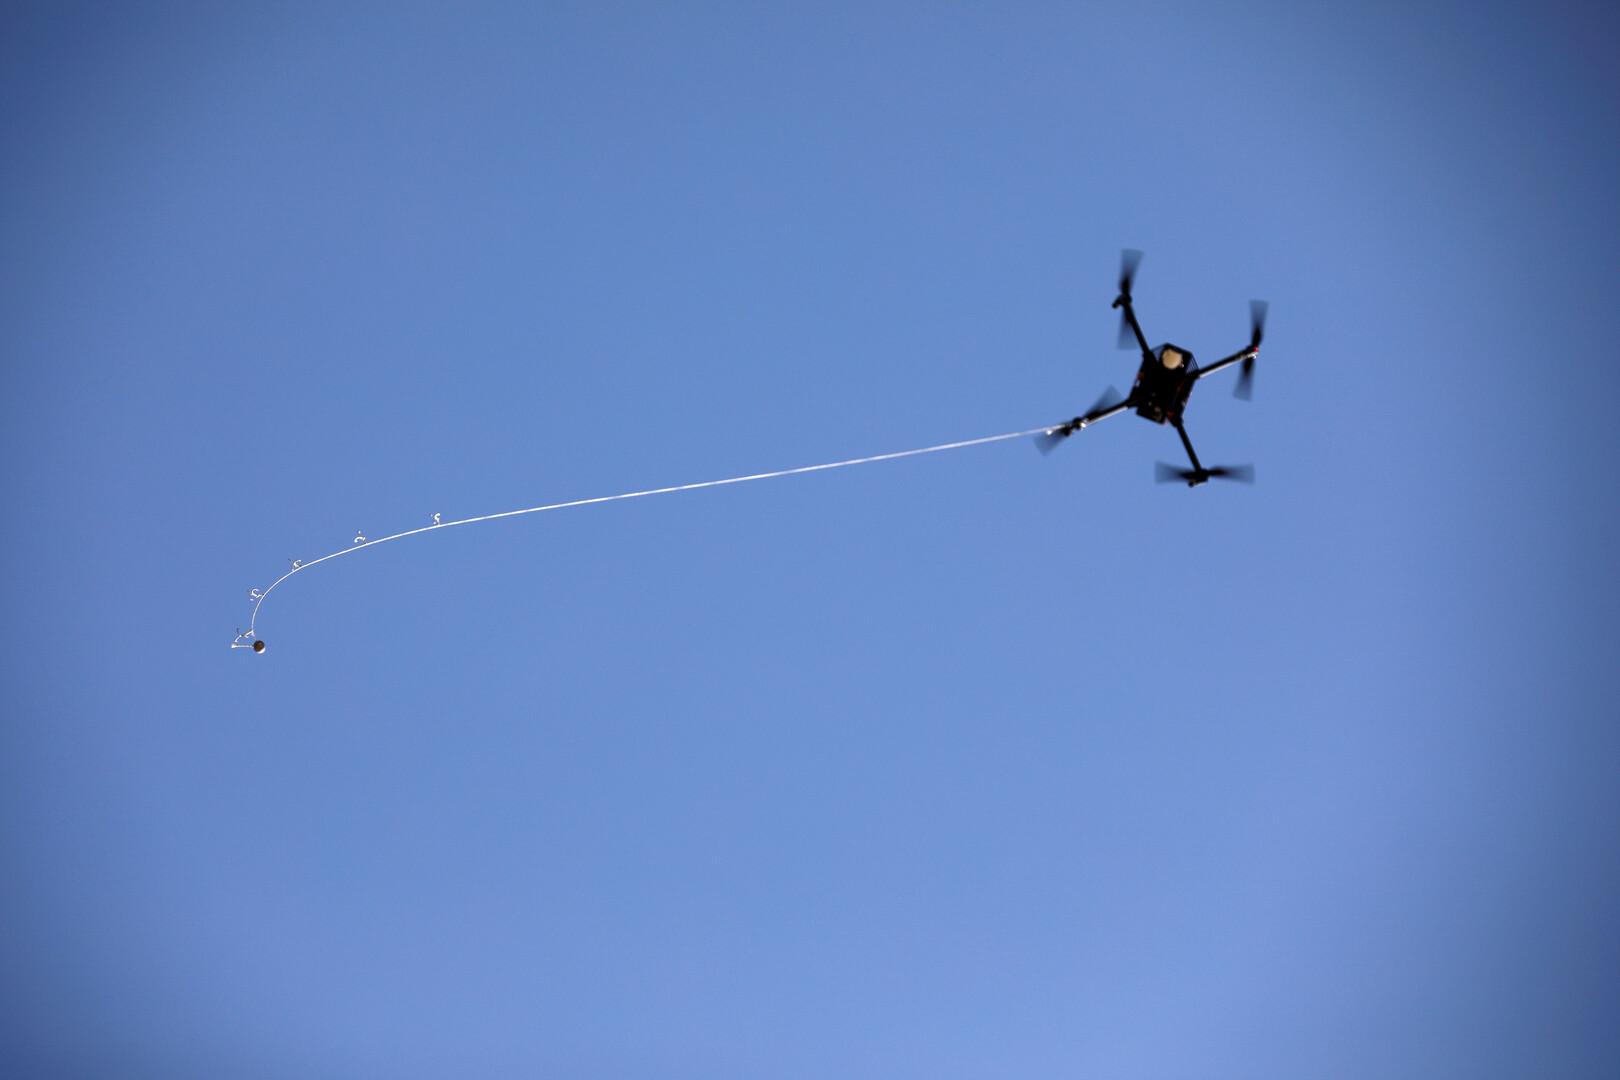 الجيش الإسرائيلي: الدرون الذي أسقطته سوريا ليس تابعا لنا وقد يكون لقوات سليماني